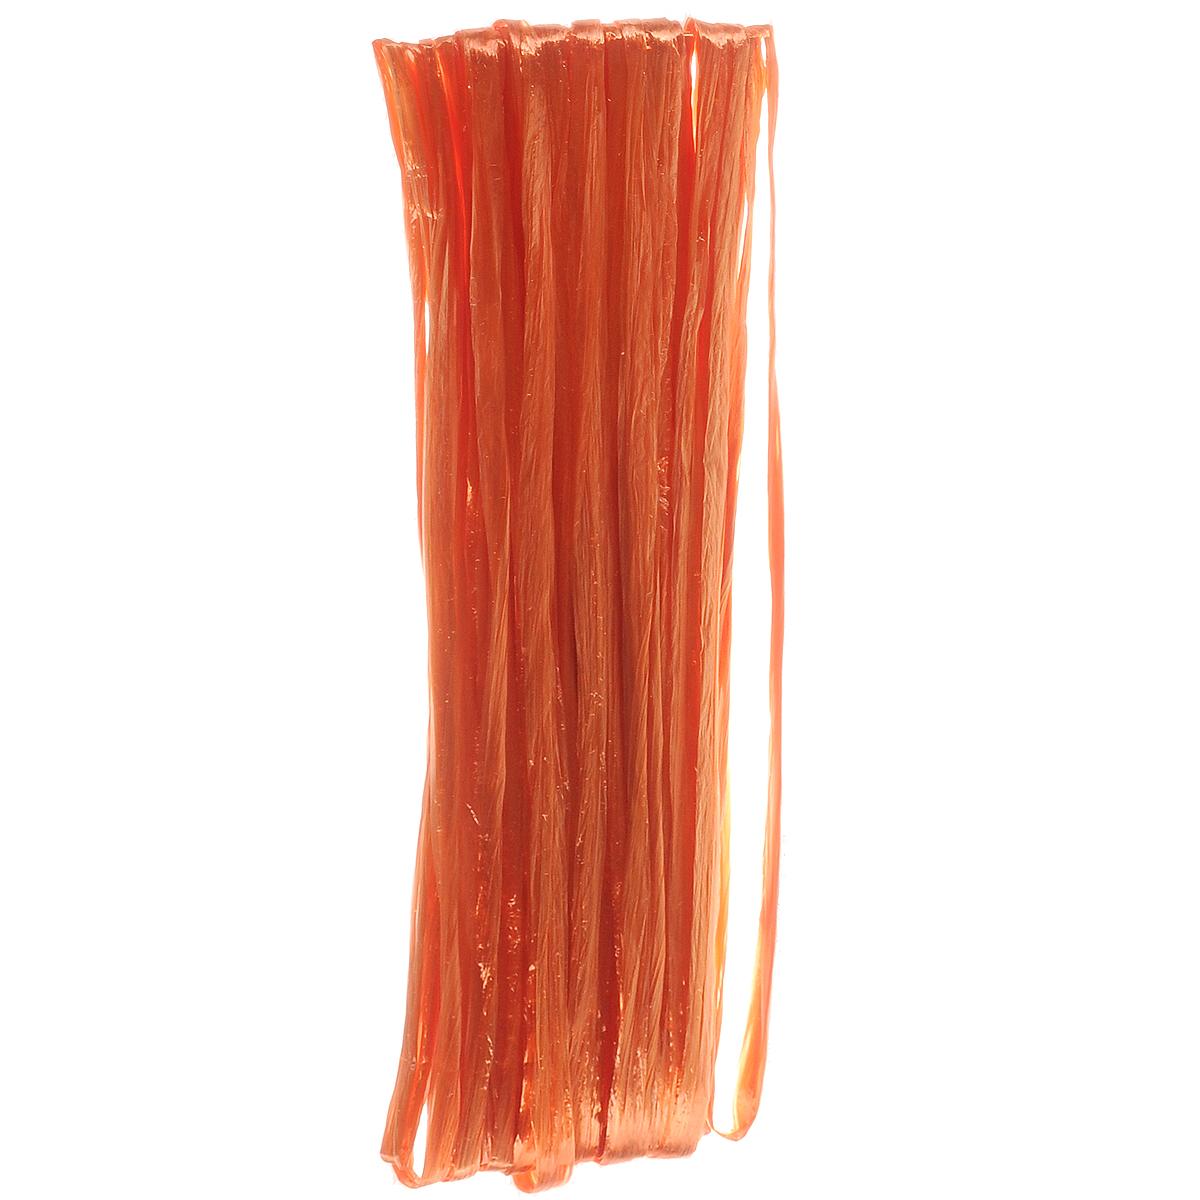 Рафия Hobby Time, цвет: оранжевый (443), длина 20 м318260Рафия Hobby Time, изготовленная из бумаги, широко применяется для упаковки подарков, оформления цветочных композиций. Бумажная рафия так же подойдет и в декоре работ в стиле скрапбукинг. Из нее можно изготовить оригинальные цветочные композиции. Расправьте рафию и вы получите широкую бумажную и мягкую ленту. Рукодельницы используют рафию вместо бумаги или в качестве декоративных лент для упаковки подарков. Например, окрашенную в разные цвета, рафию можно использовать в качестве ленты для украшения подарочных коробочек.